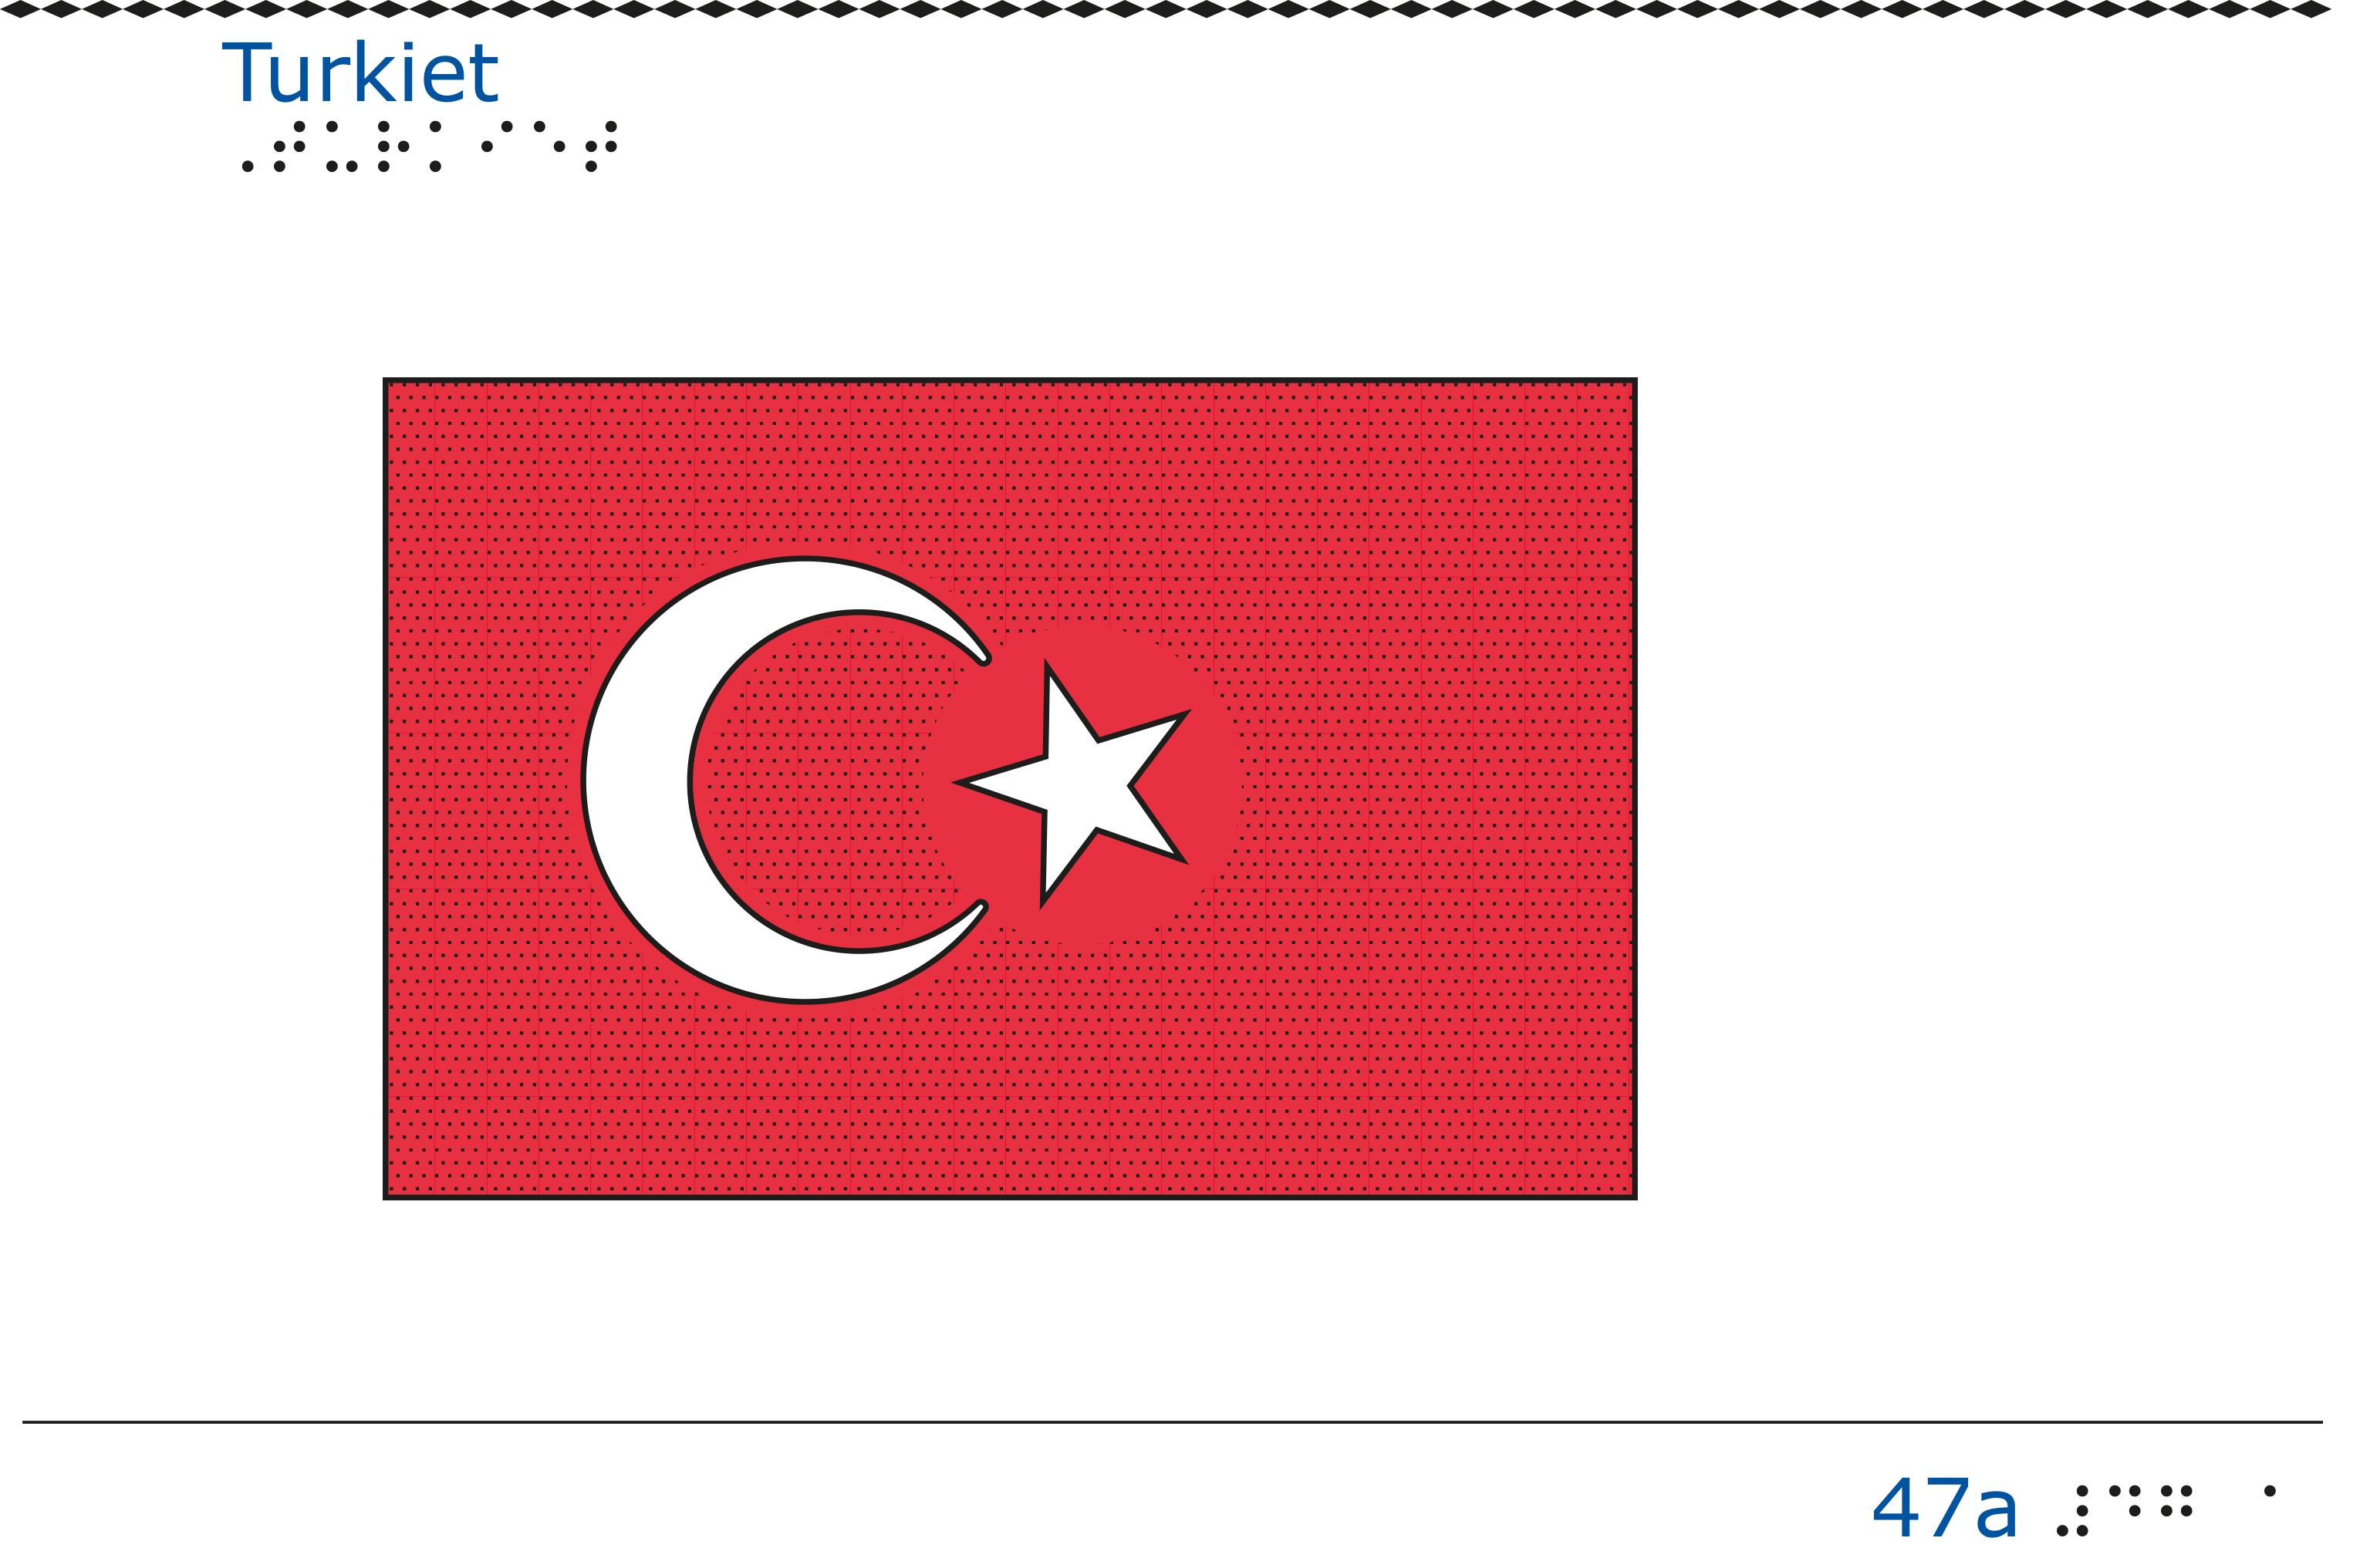 Taktil bild Turkiets flagga.